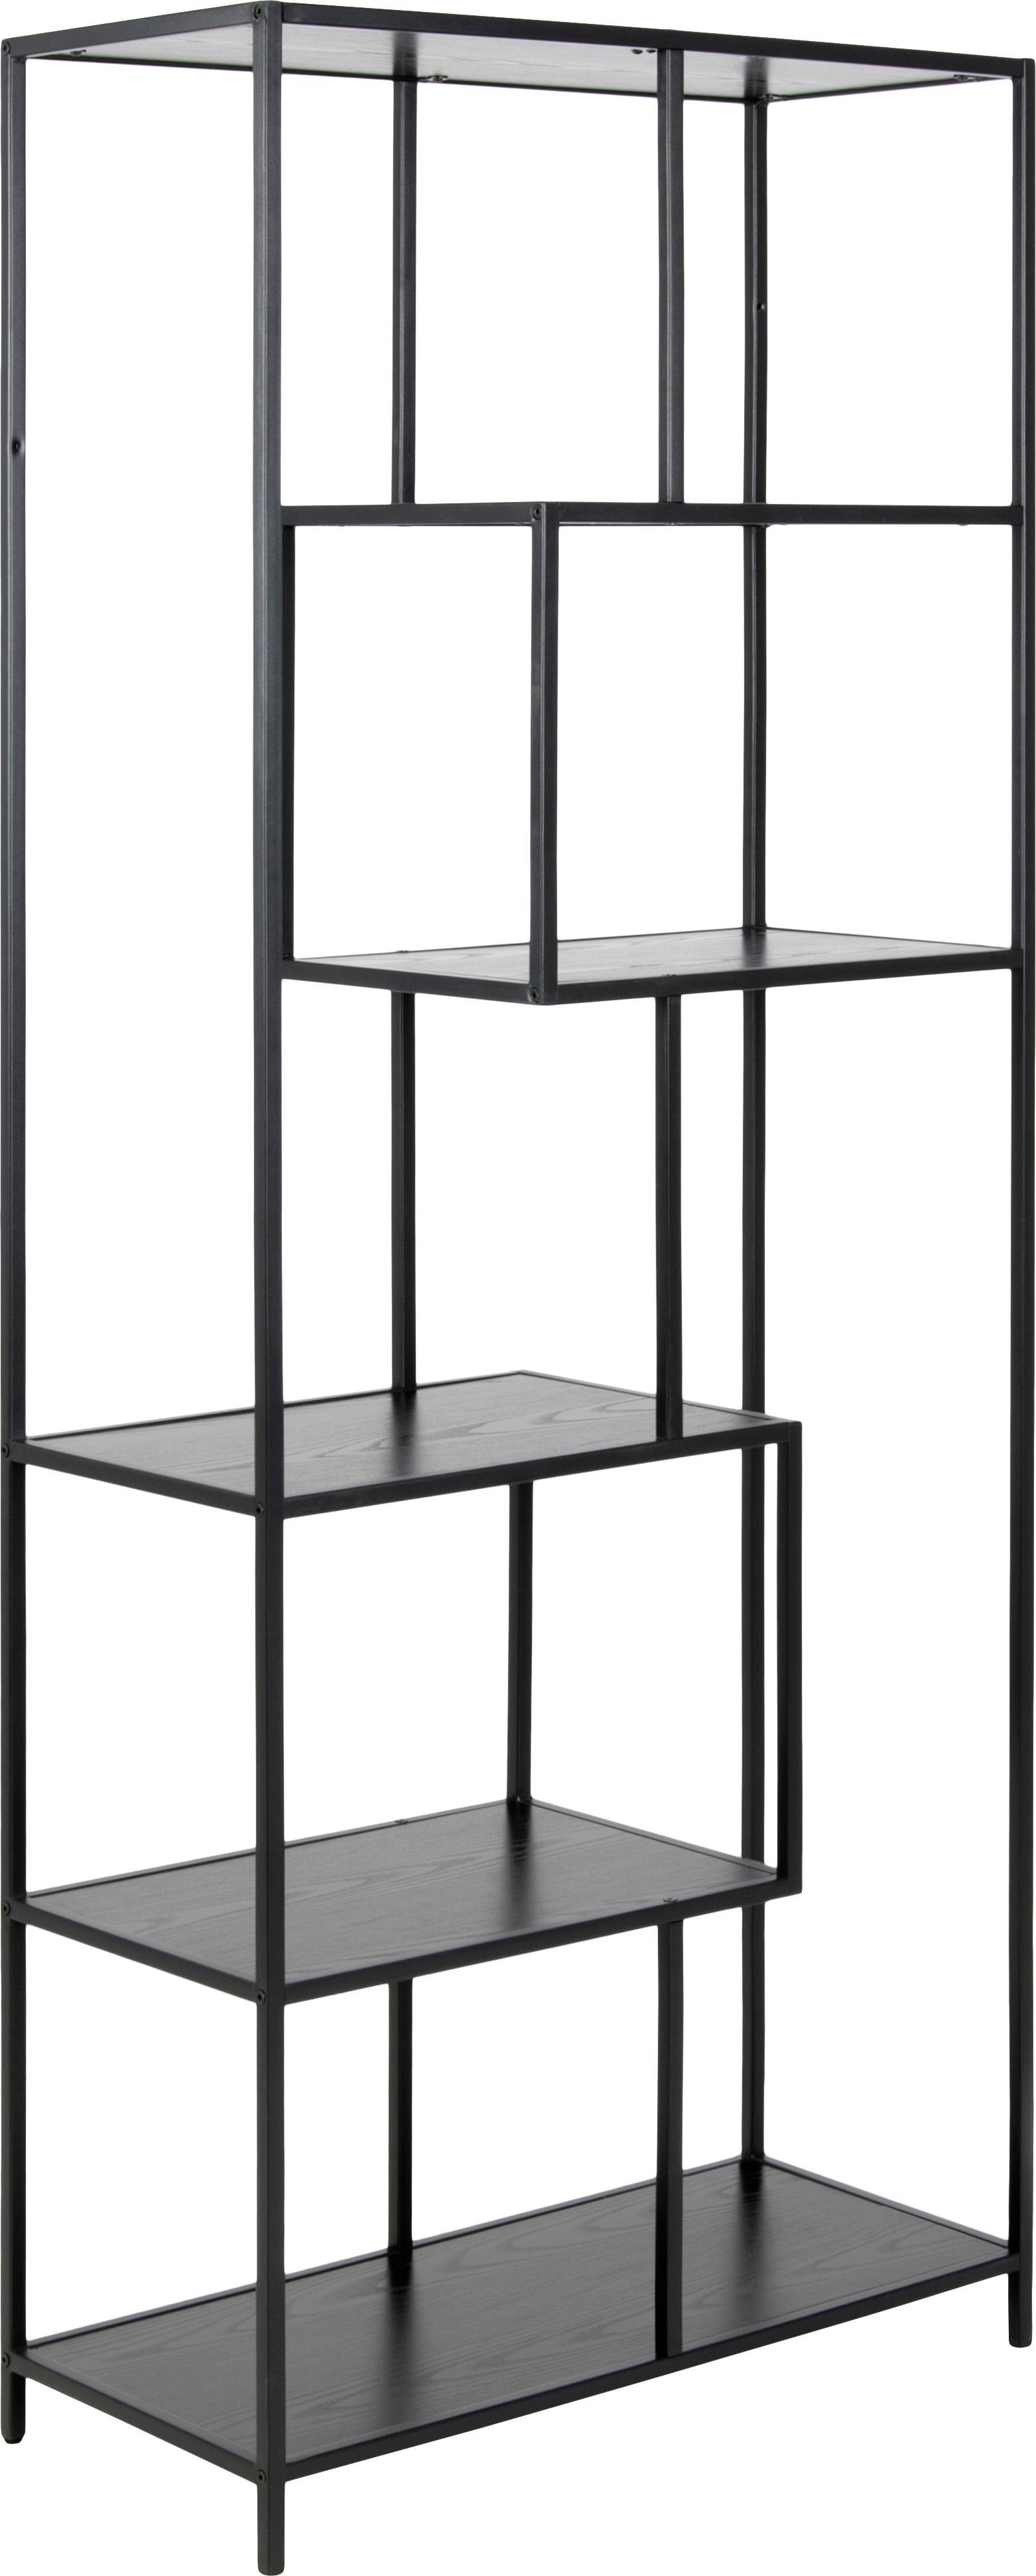 Metalen wandrek Seaford Zig, Frame: gepoedercoat metaal, Zwart, 77 x 185 cm